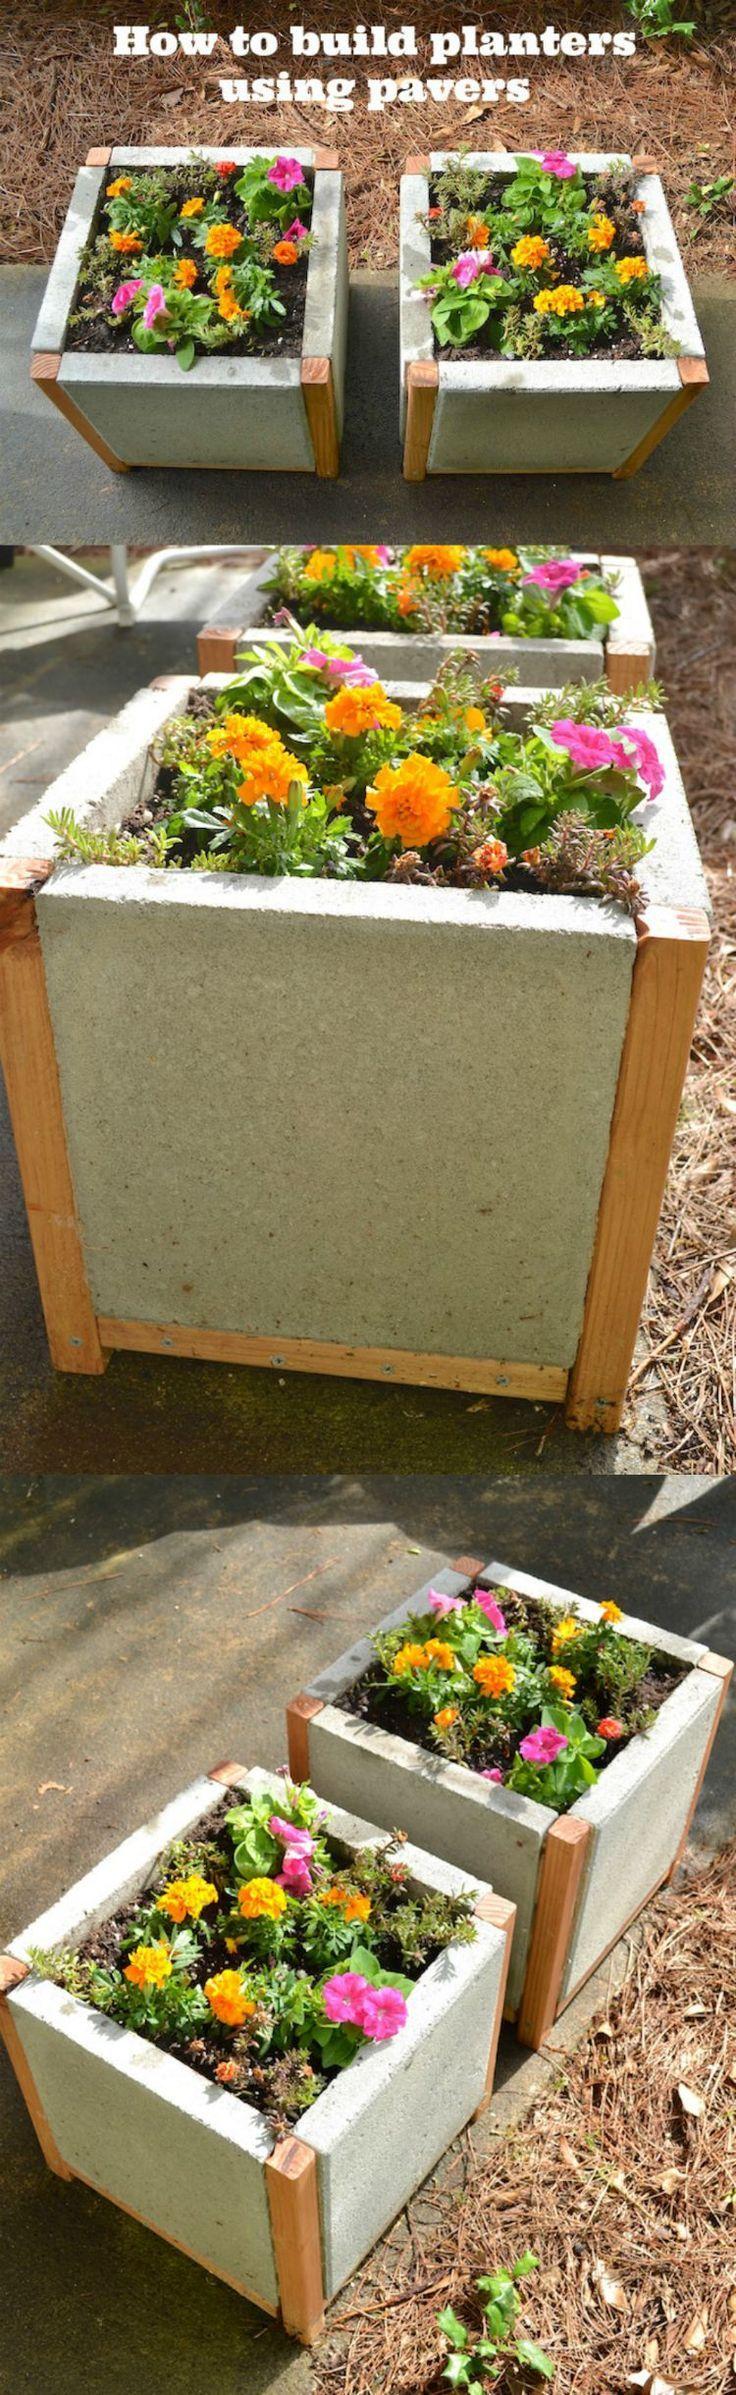 Build A Paver Planter The Easy Way Diy Planters Diy 400 x 300